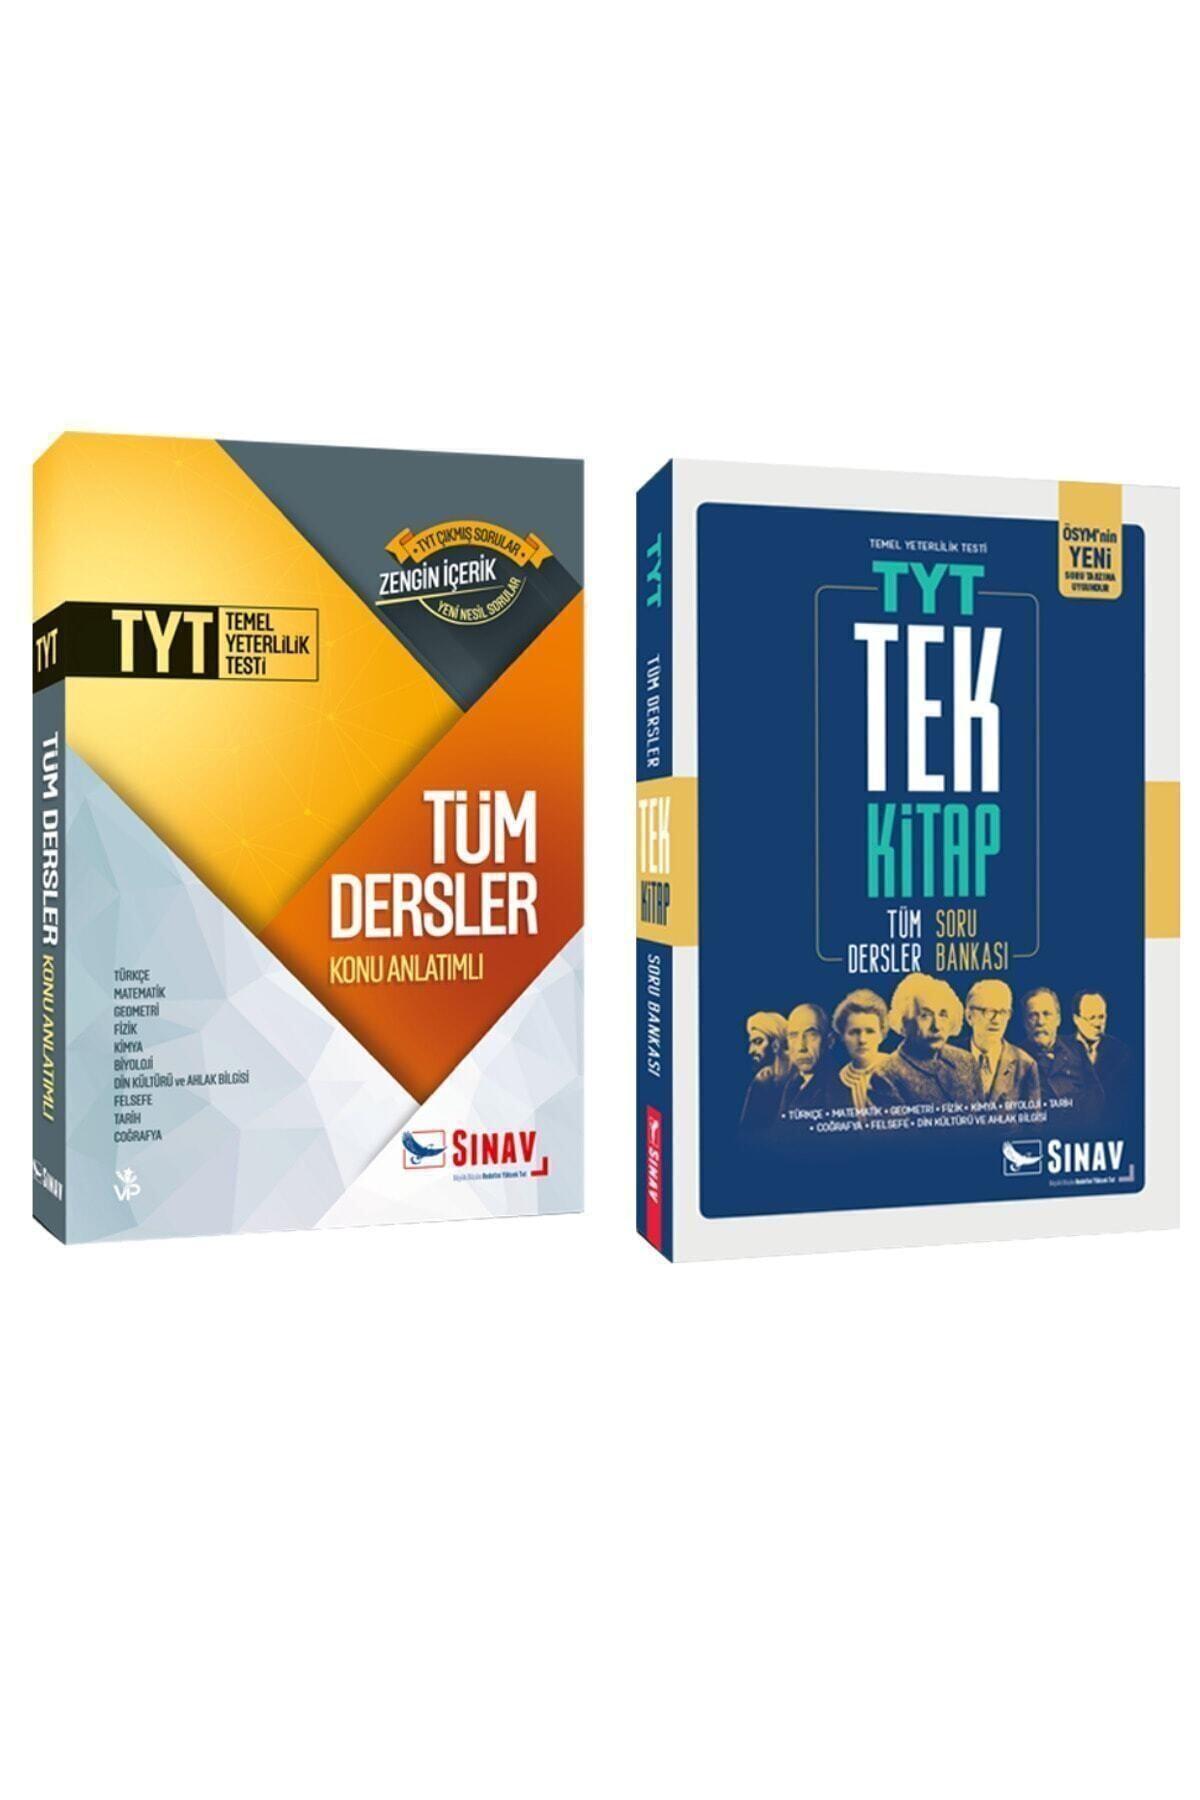 Sınav Yayınları Tyt Tüm Dersler Konu Anlatımı ve Soru Bankası Tek Kitap 1